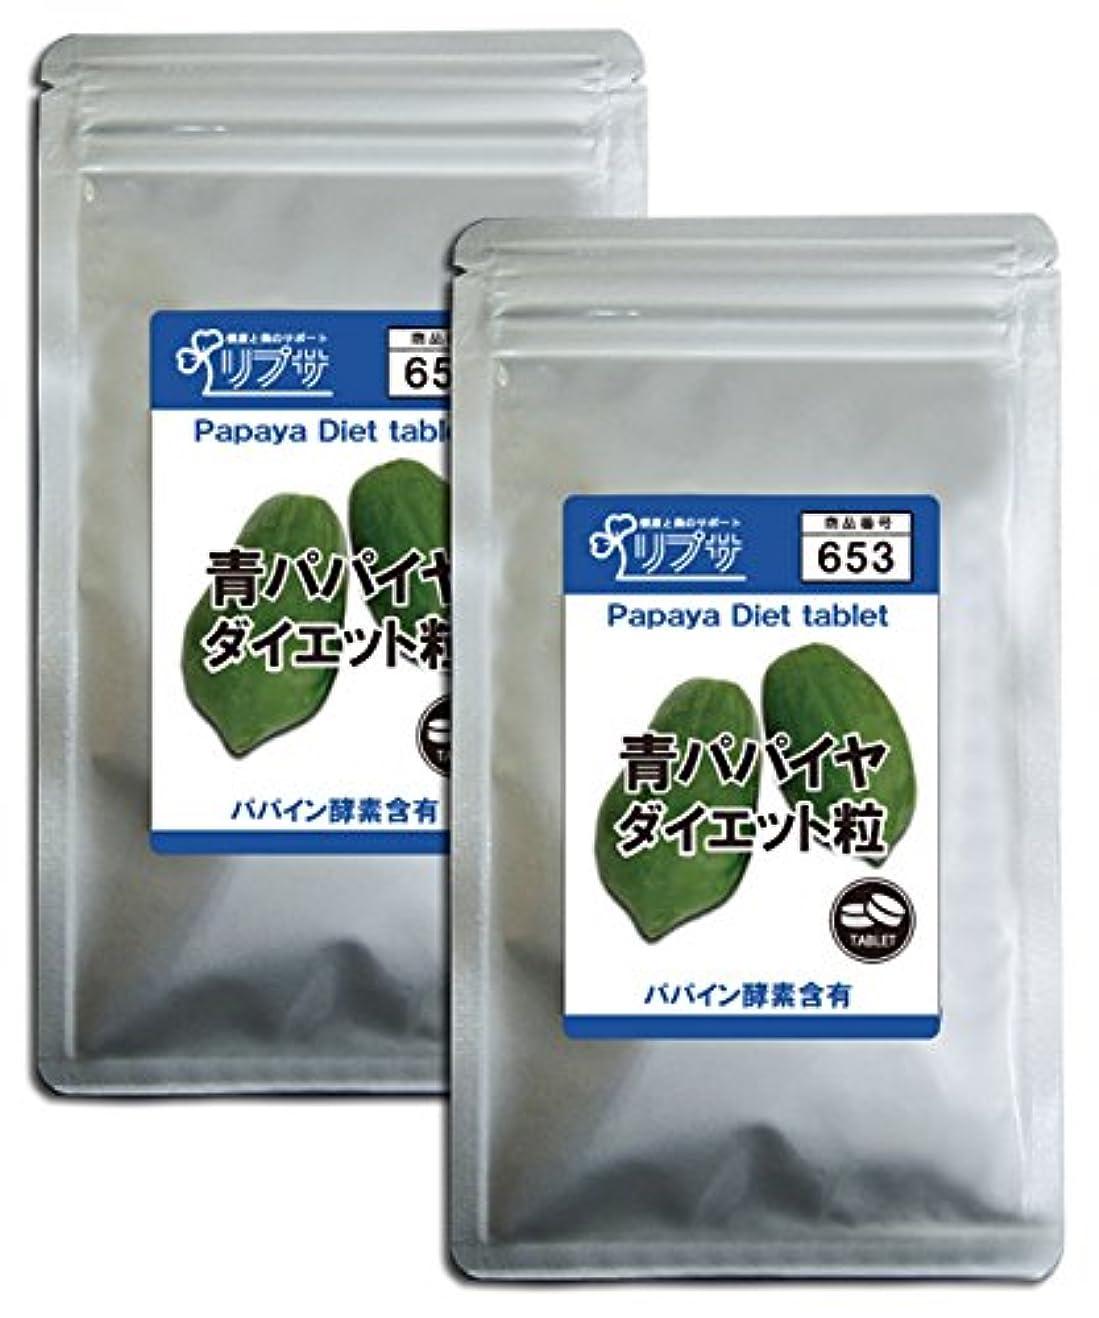 花嫁くさびポルノ青パパイヤダイエット粒 約3か月分×2袋 T-653-2